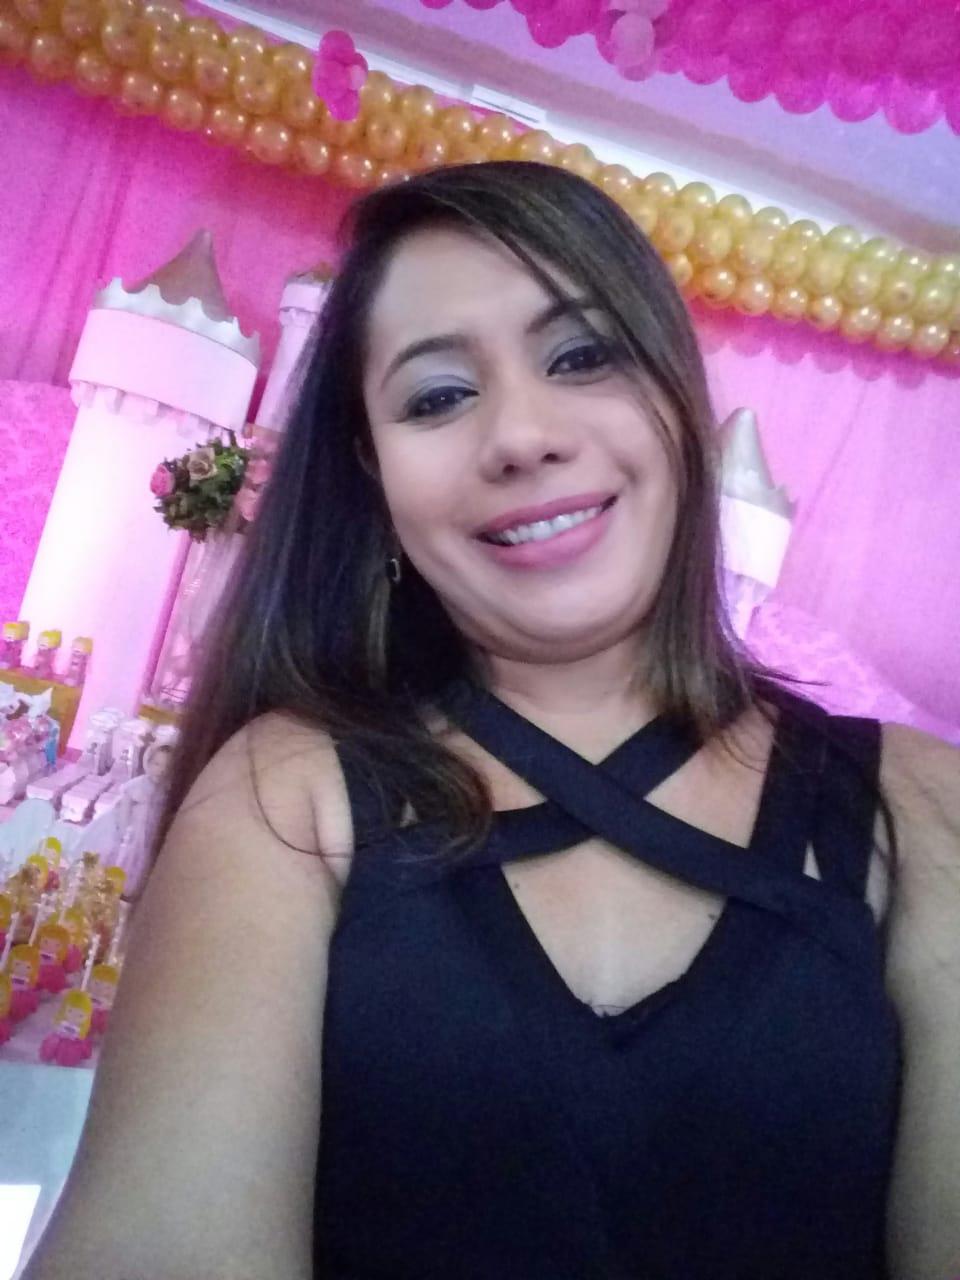 ENTREVISTA: Thayse Monteiro Modesto - Aprovada no concurso SEDUC PA no cargo de Professor de Português